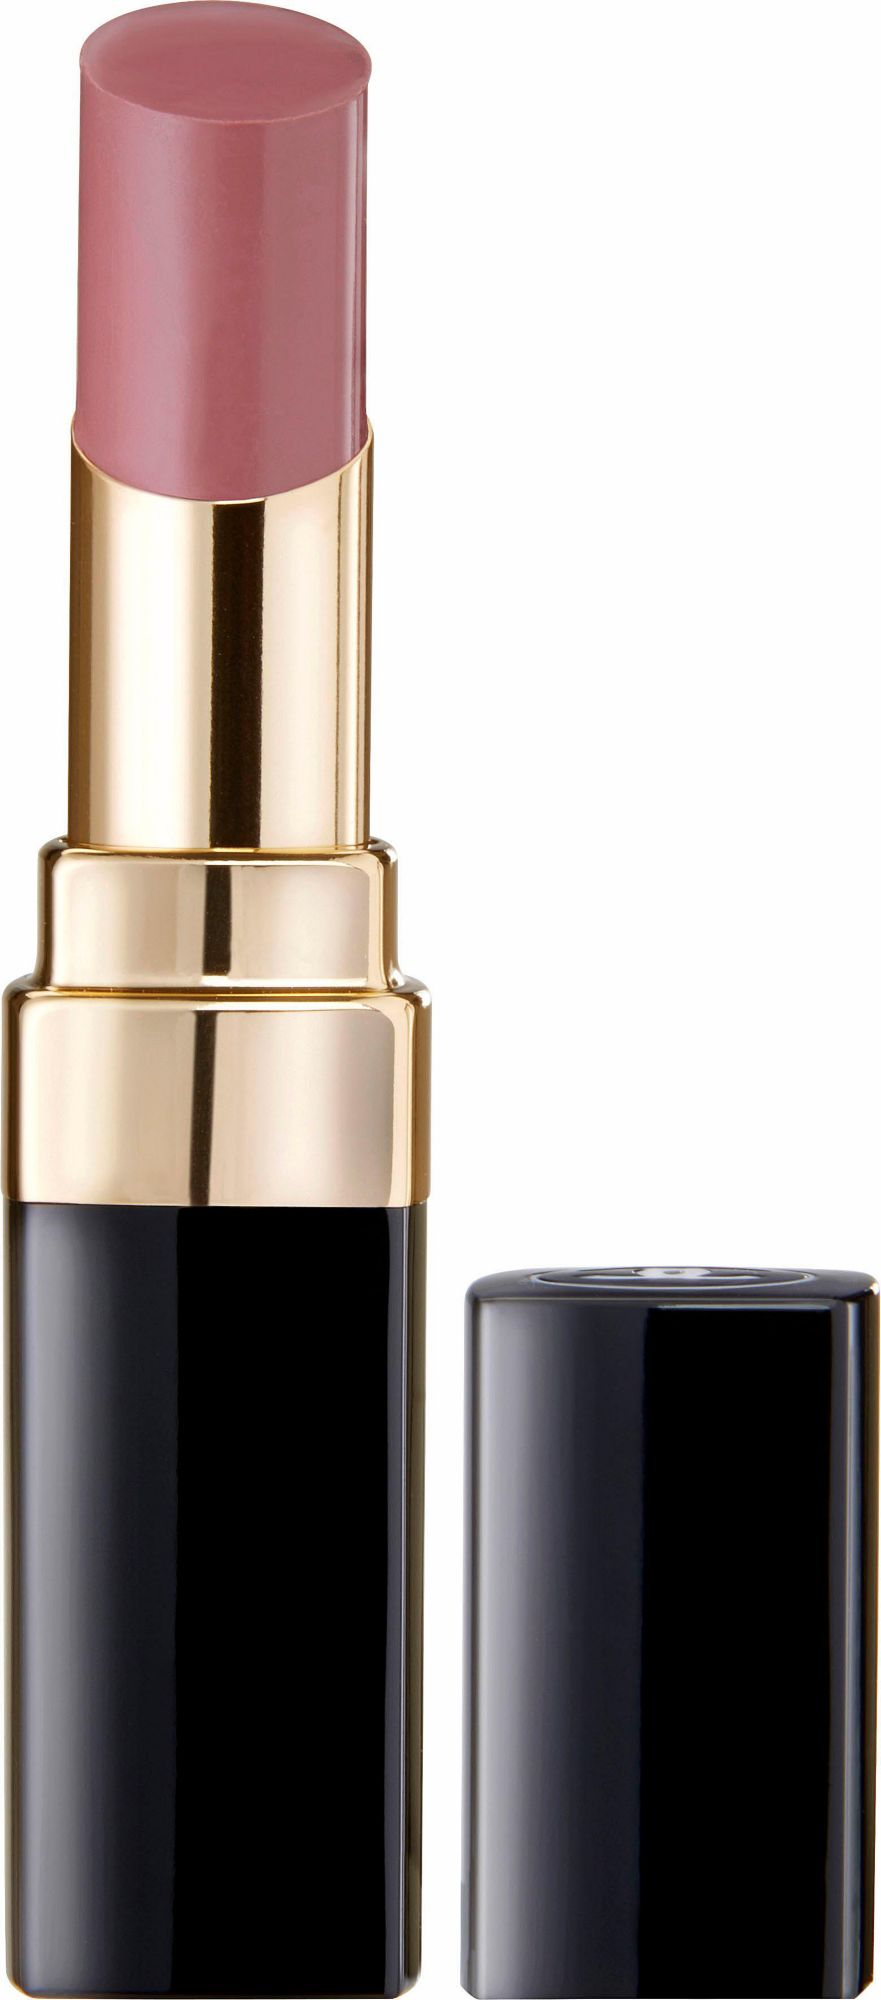 CHANEL Chanel, »Rouge Coco Shine«, Lippenstift